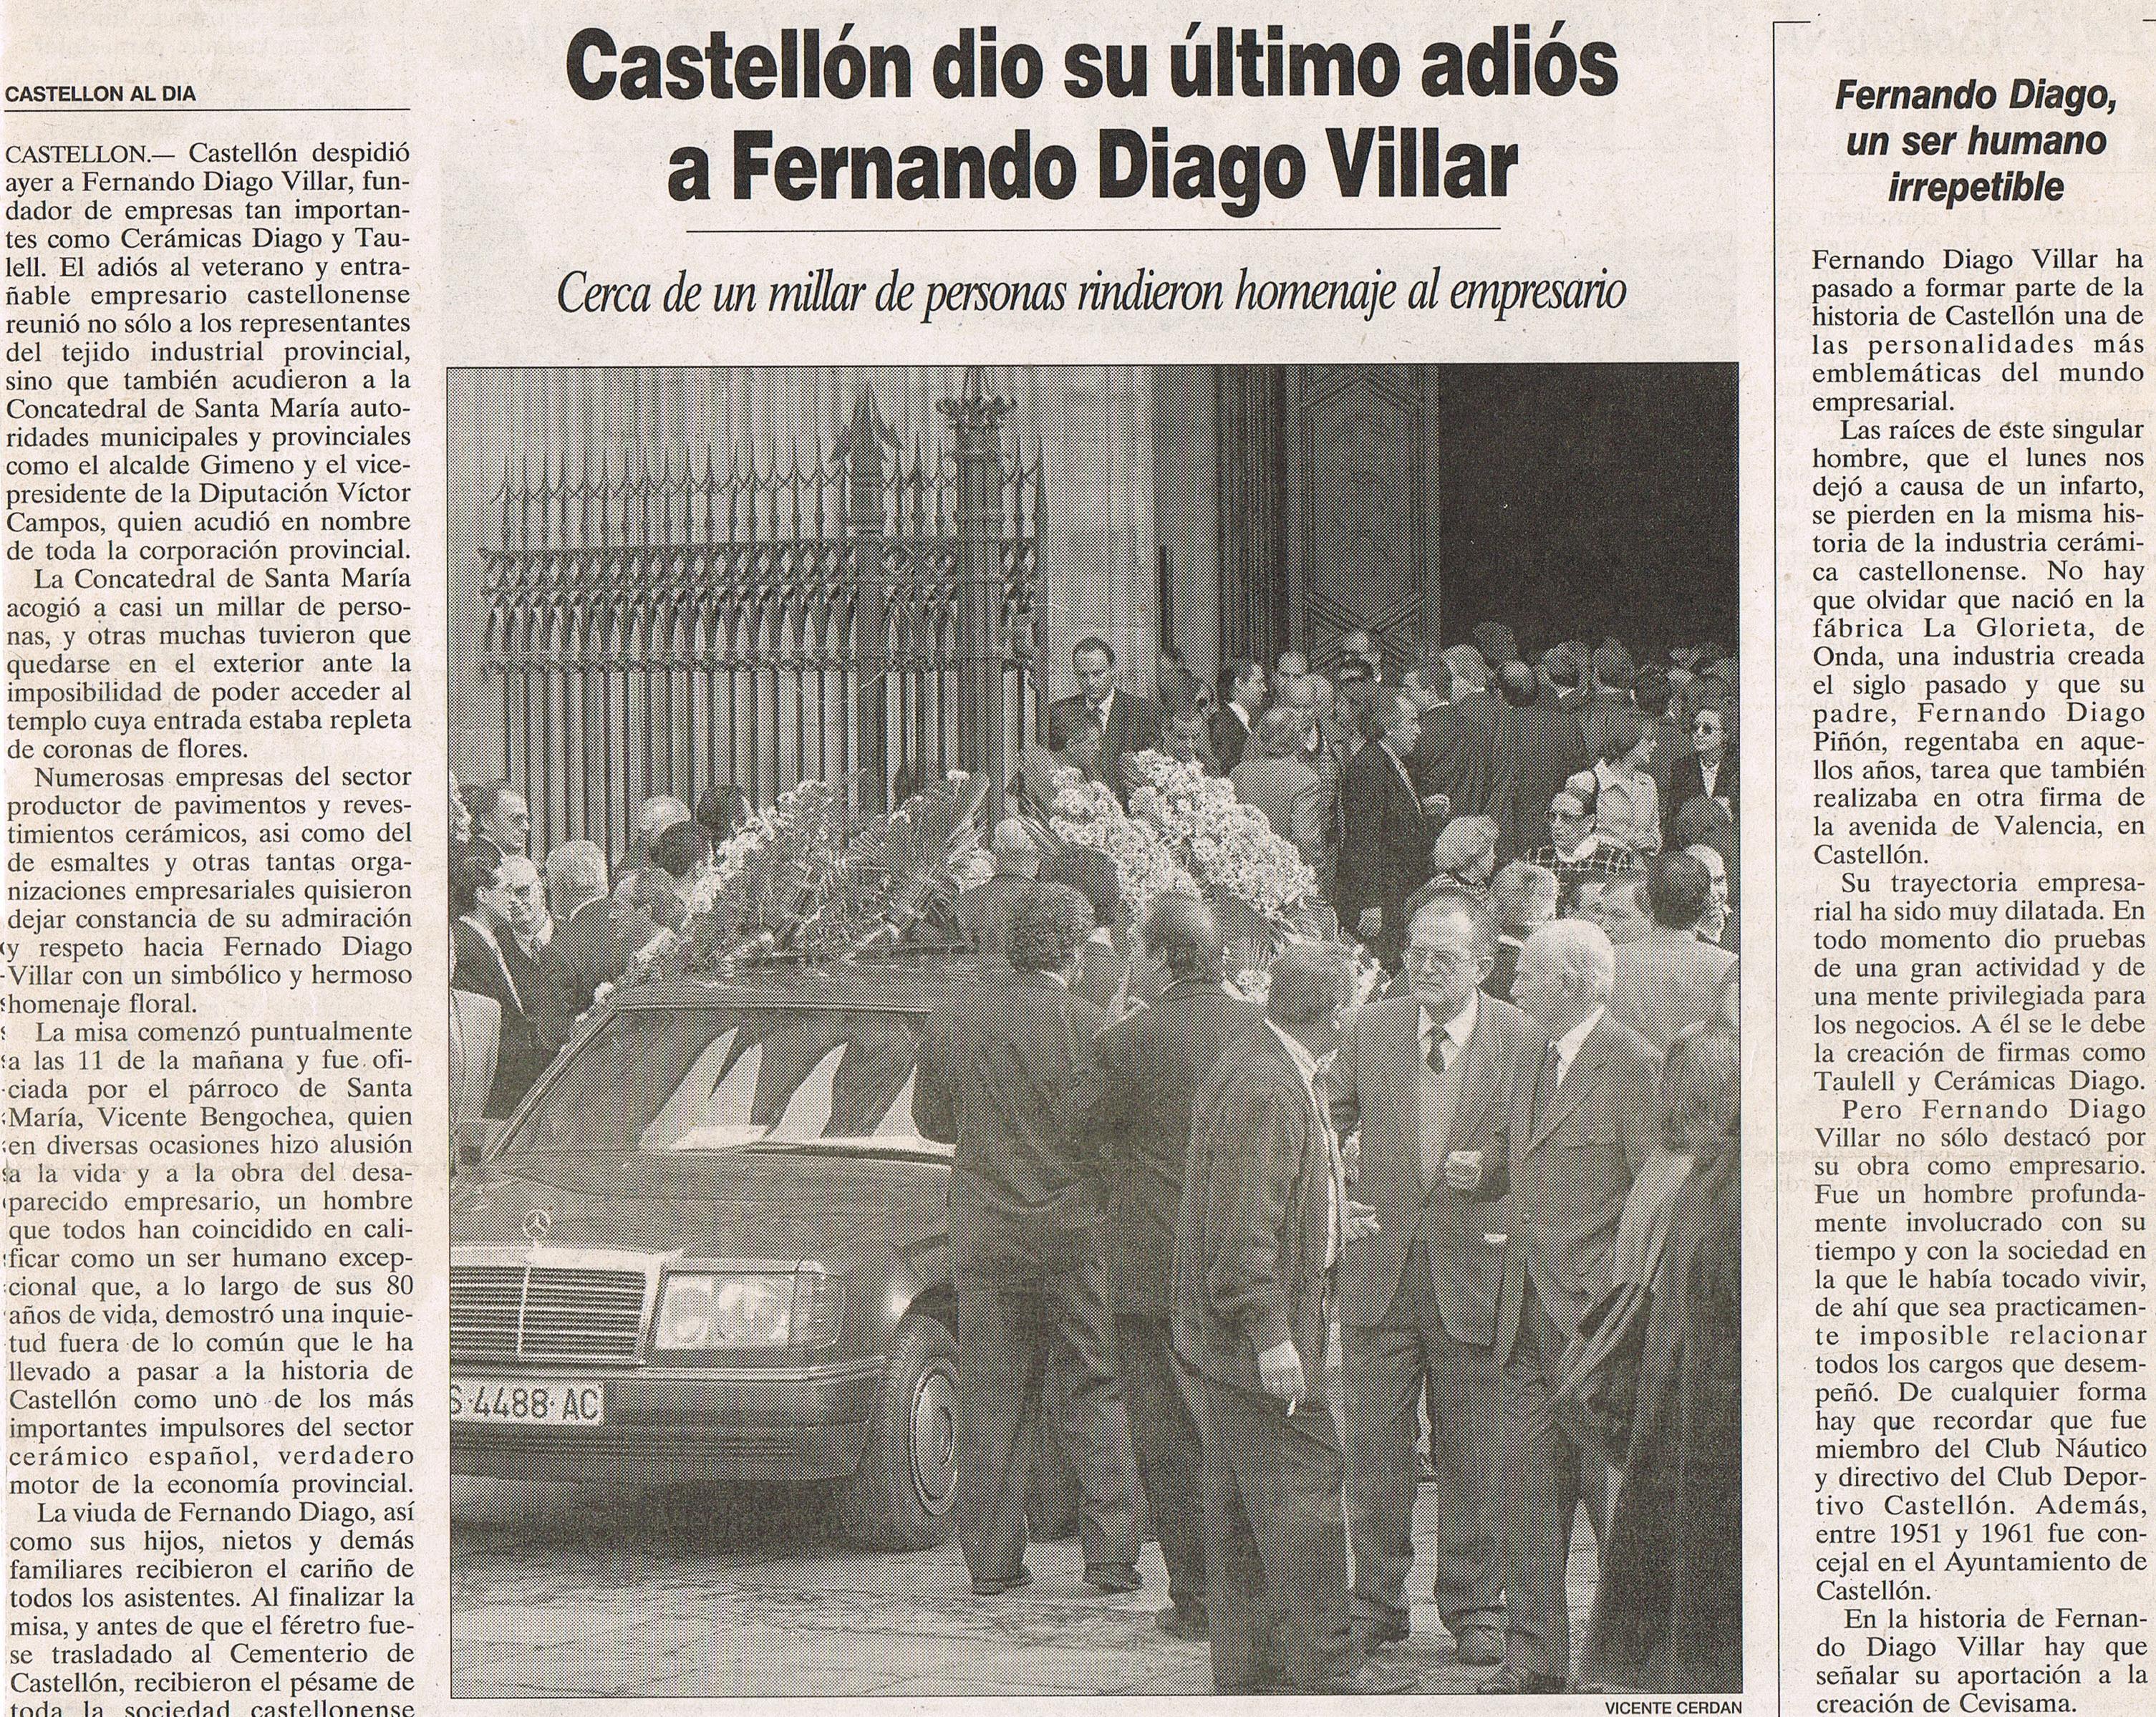 Entierro de Don Fernando Diago Villar 13 de enero de 1998.